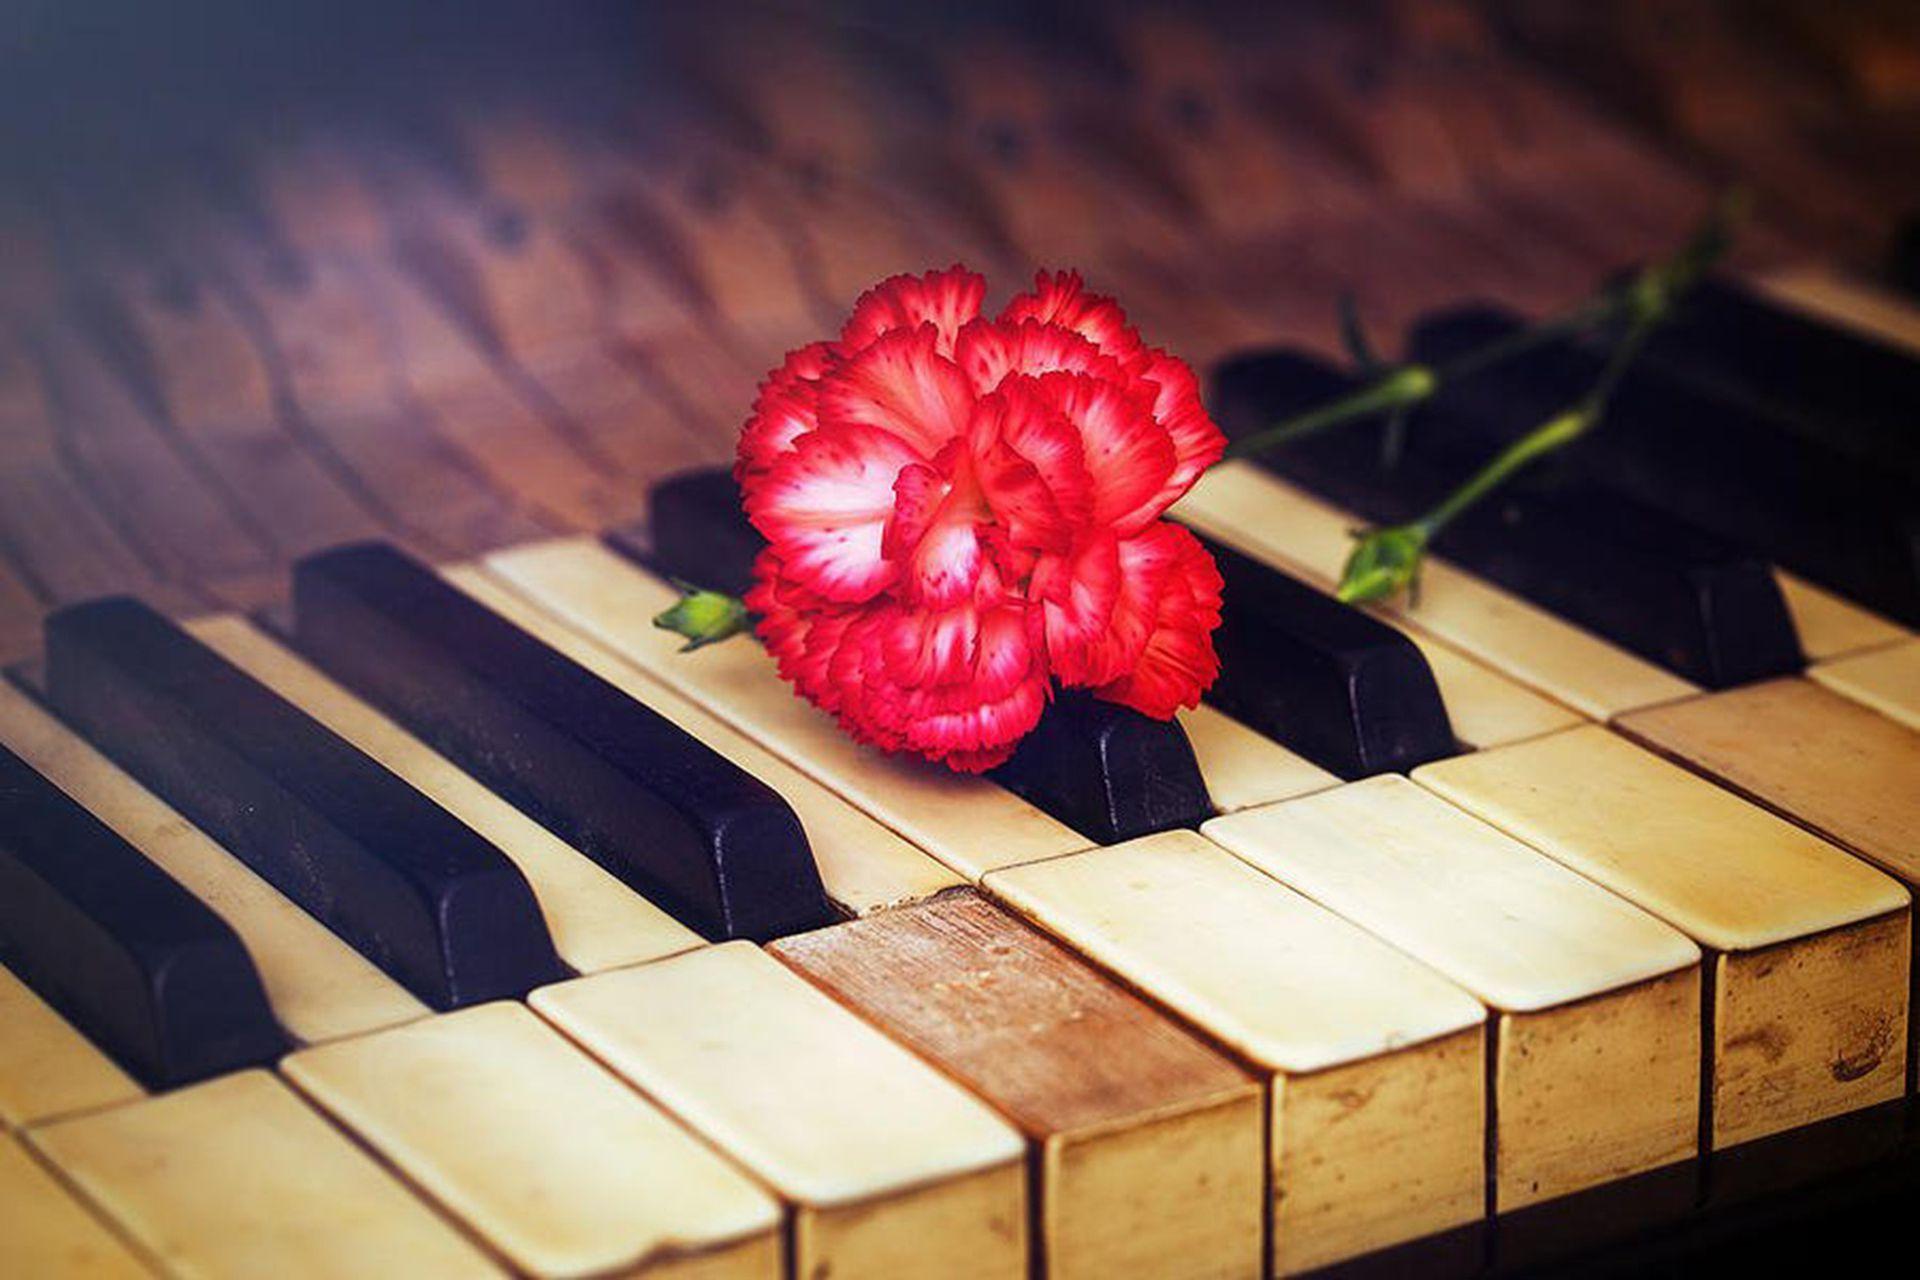 La flor roja sobre el piano, cada vez que a Don Osvaldo no lo dejaba tocar por sus ideas políticas